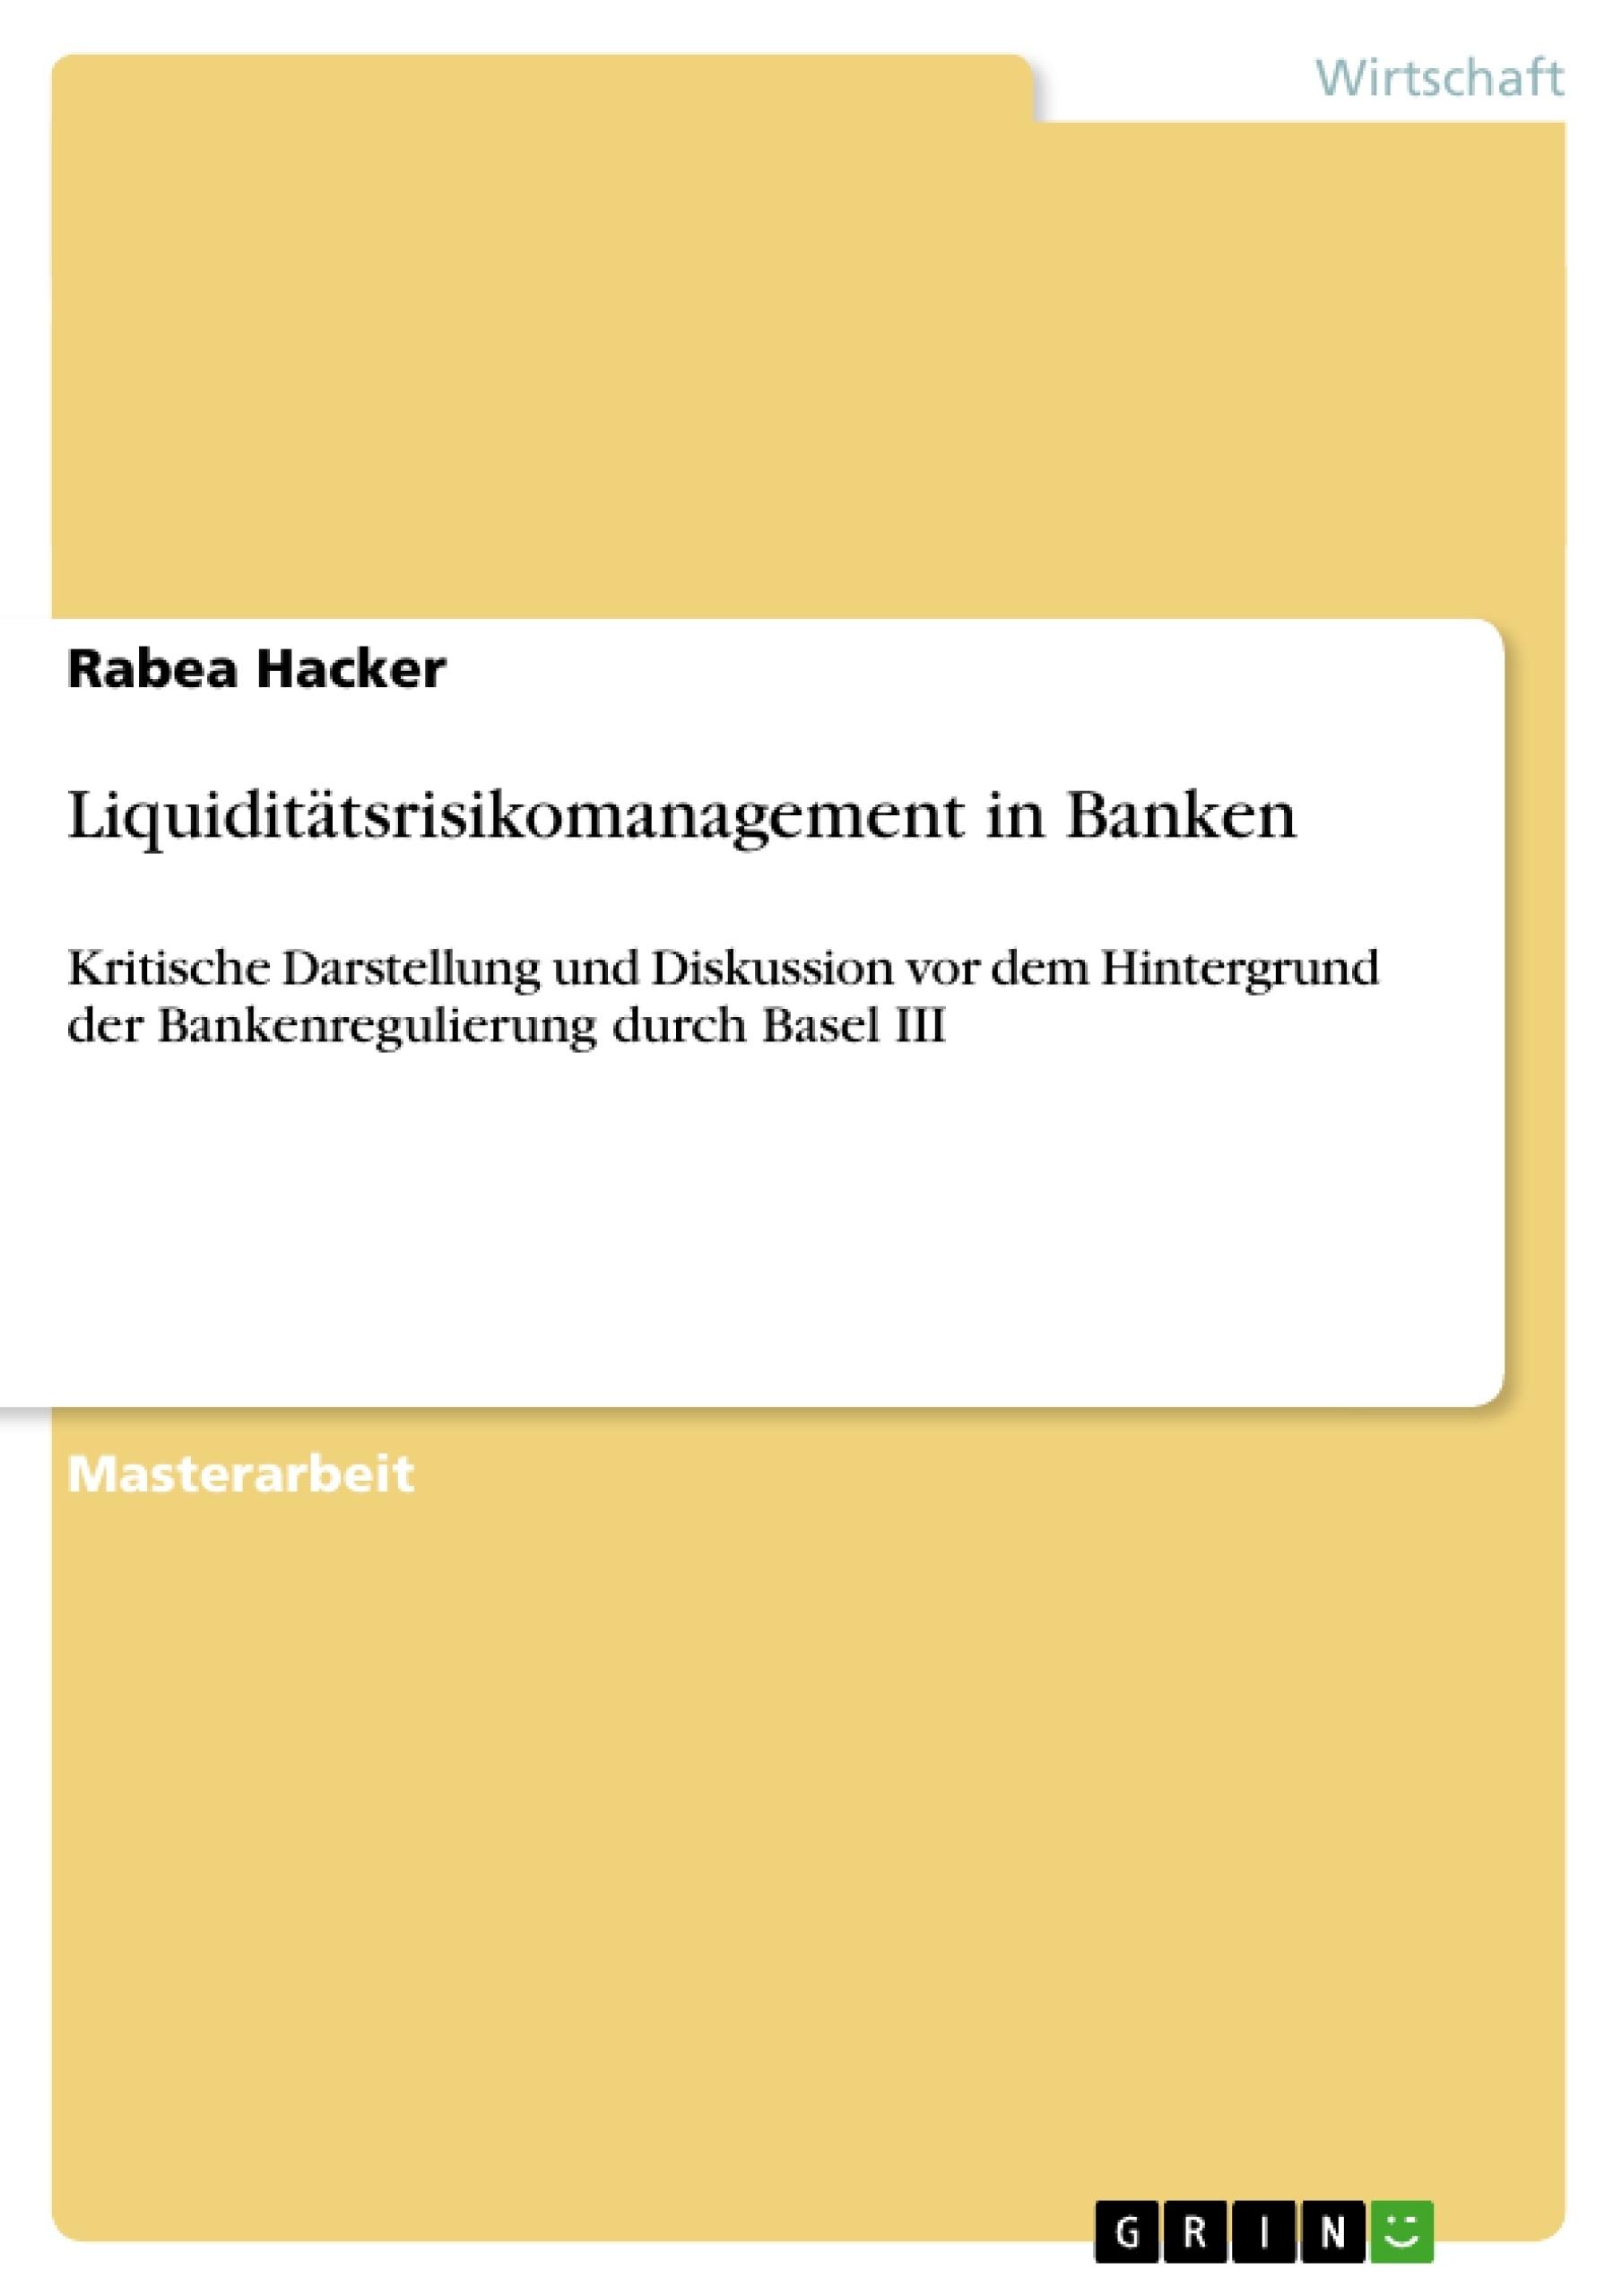 Titel: Liquiditätsrisikomanagement in Banken